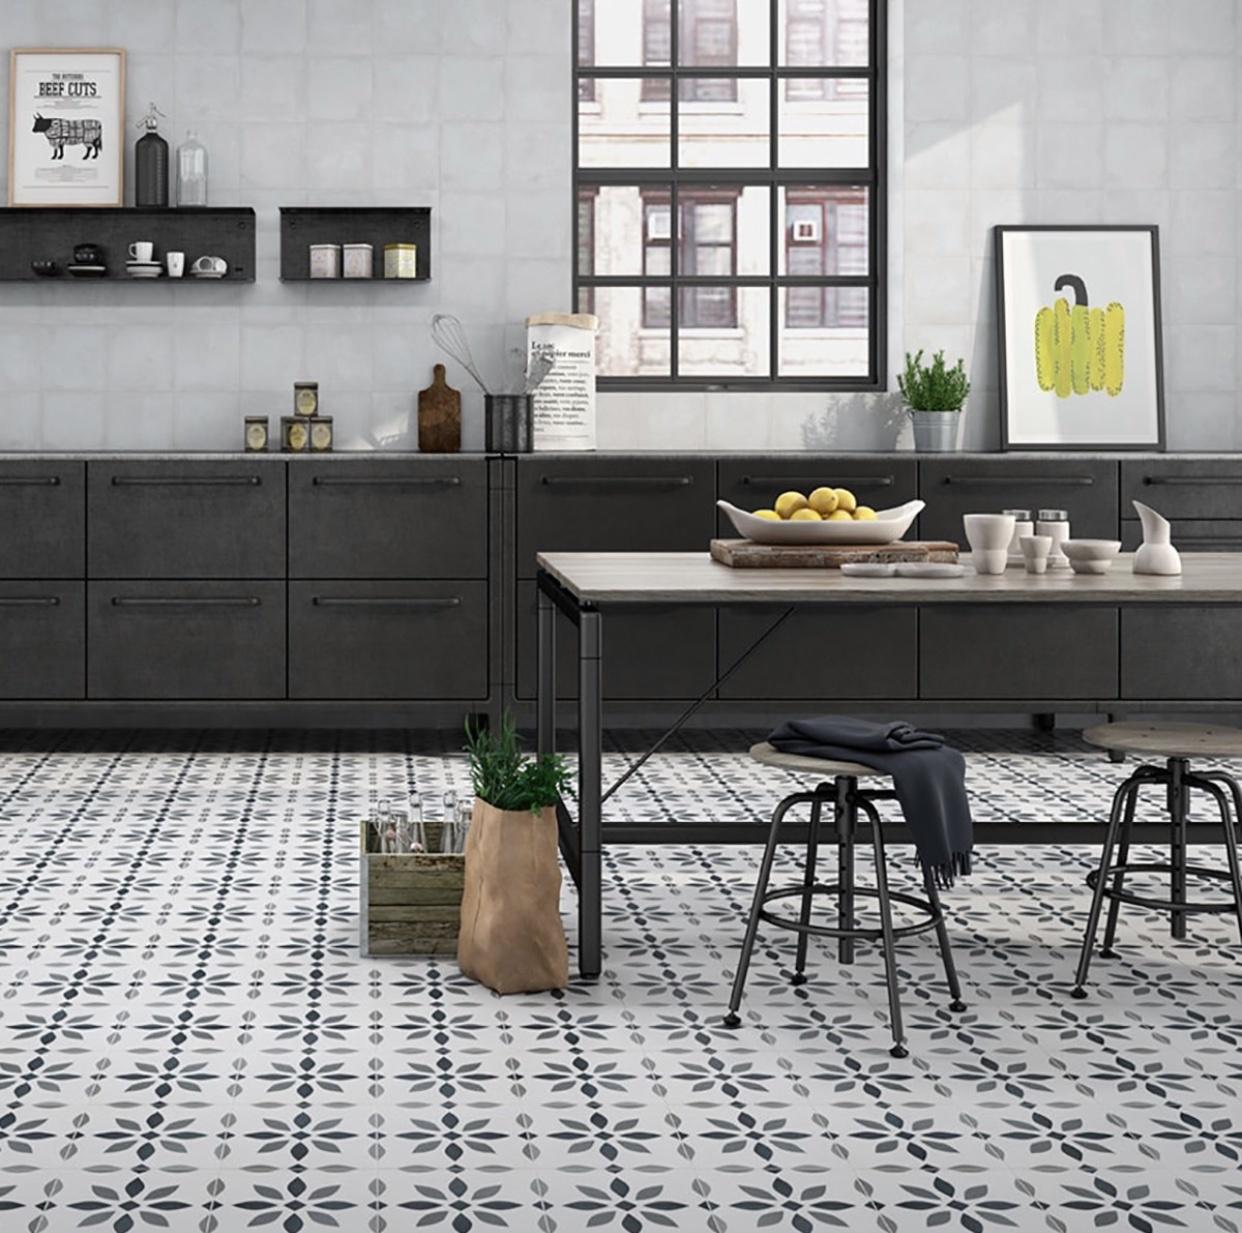 Luxury Tiles The Modern Flower Pattern Floor tile 9x9mm